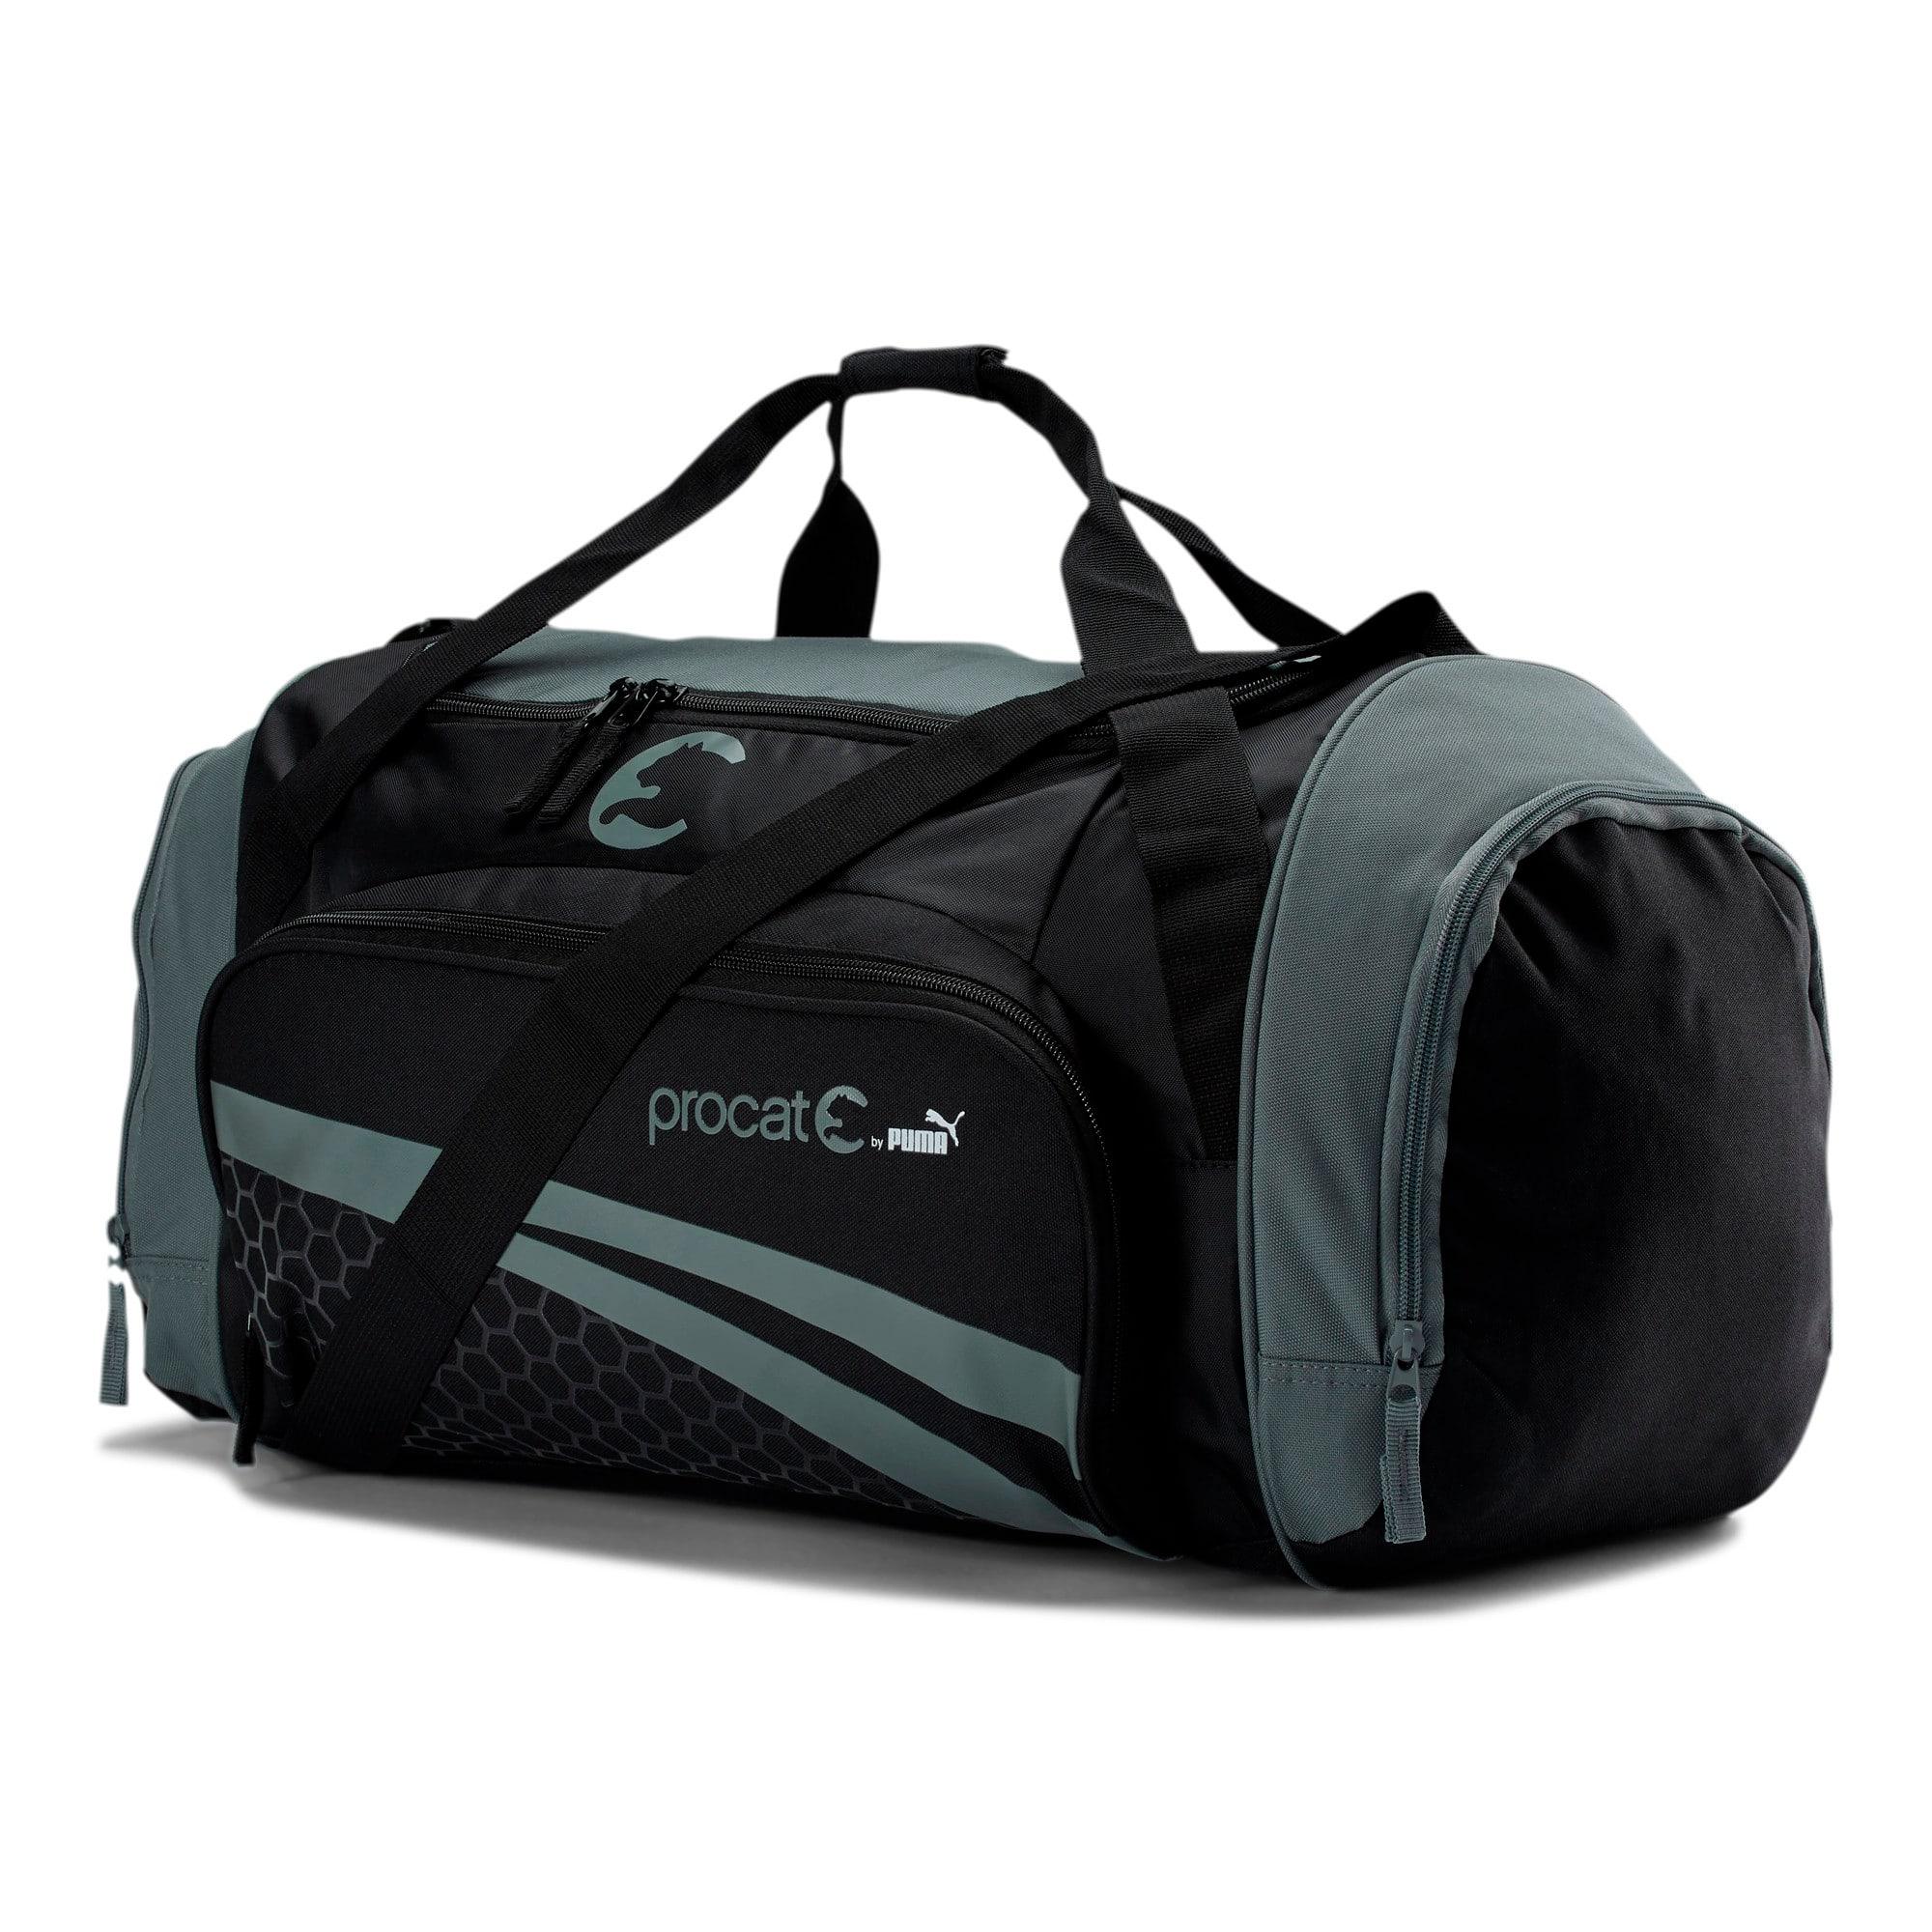 Thumbnail 1 of ProCat Duffel Bag, BLACK, medium